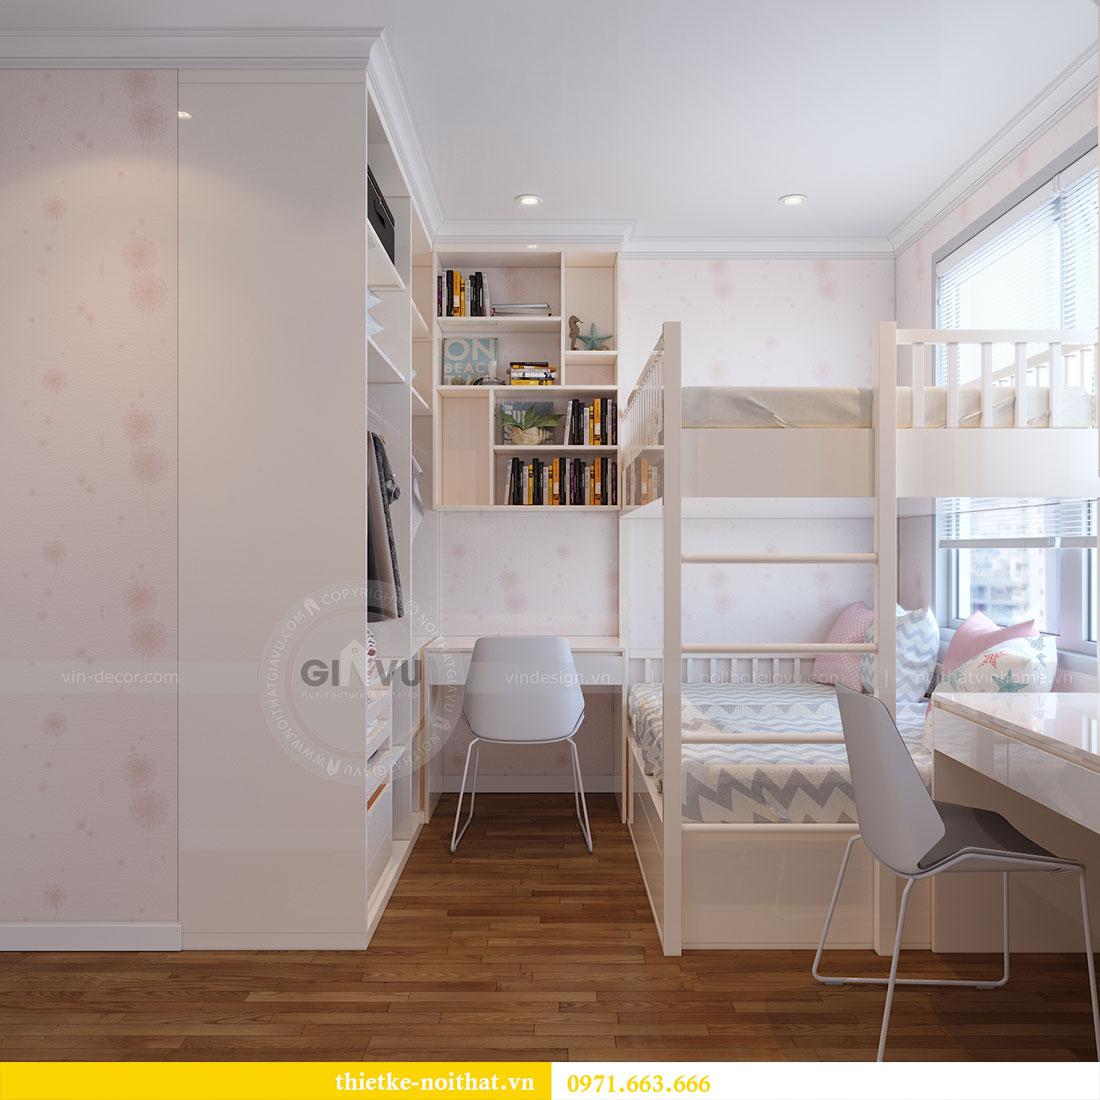 Thiết kế nội thất Dcapitale tòa C7 căn 05 phong cách hiện đại - chị Hà 10